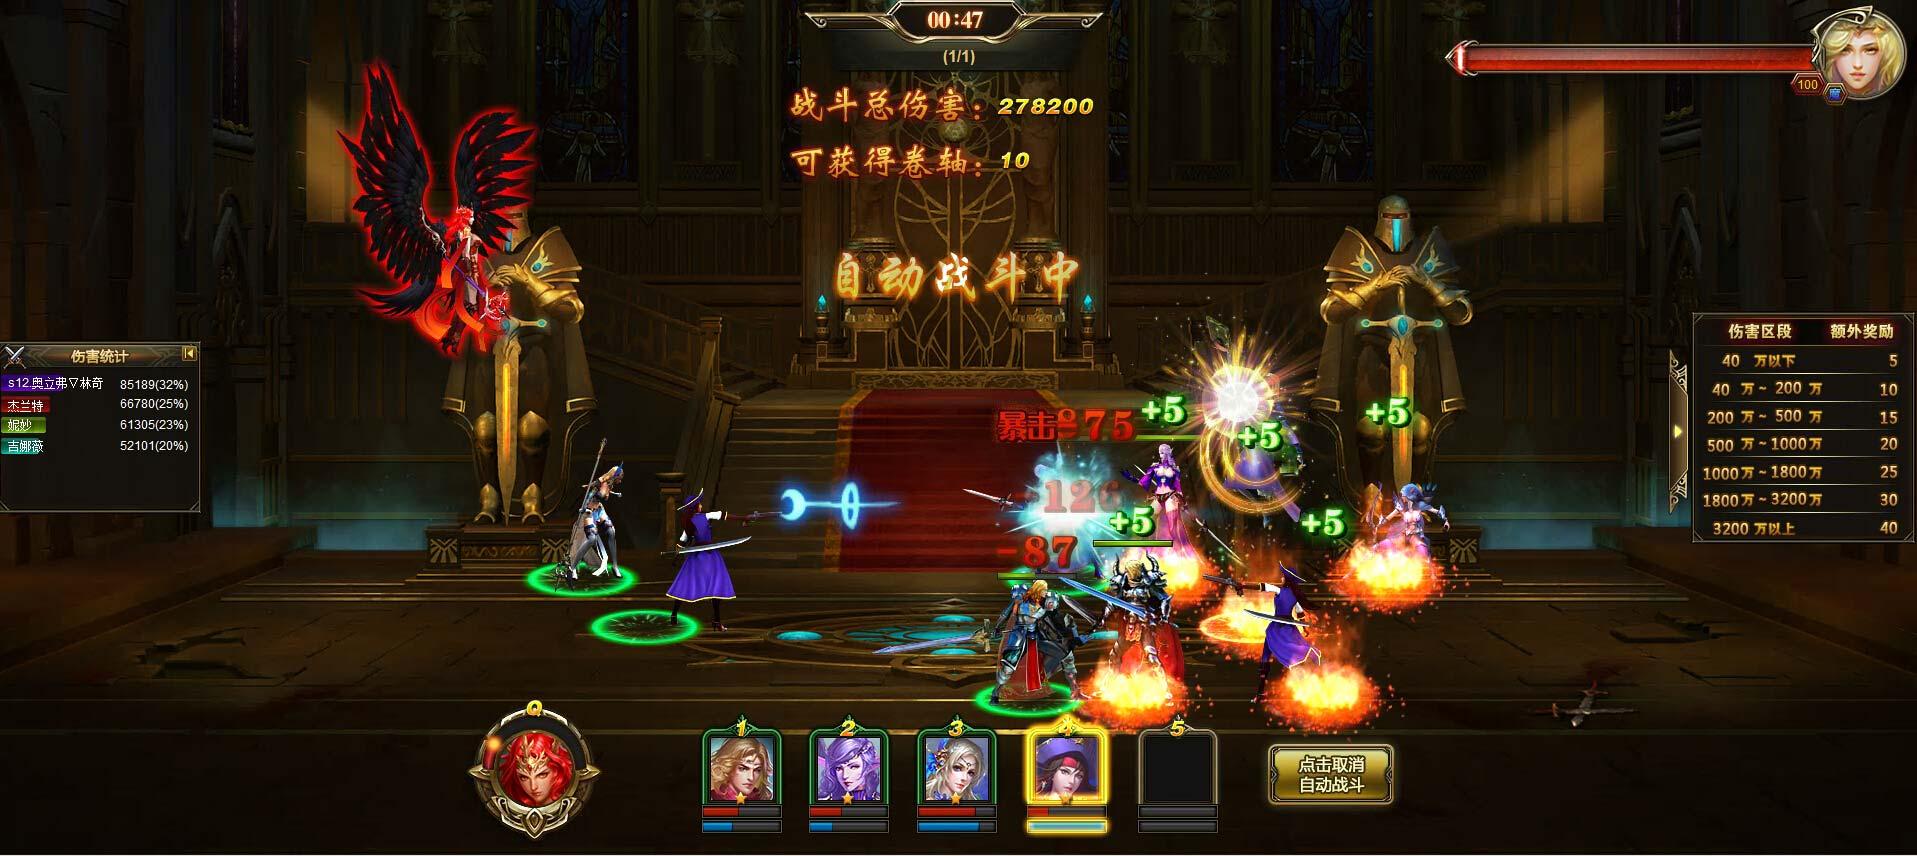 巨龙战纪游戏截图4